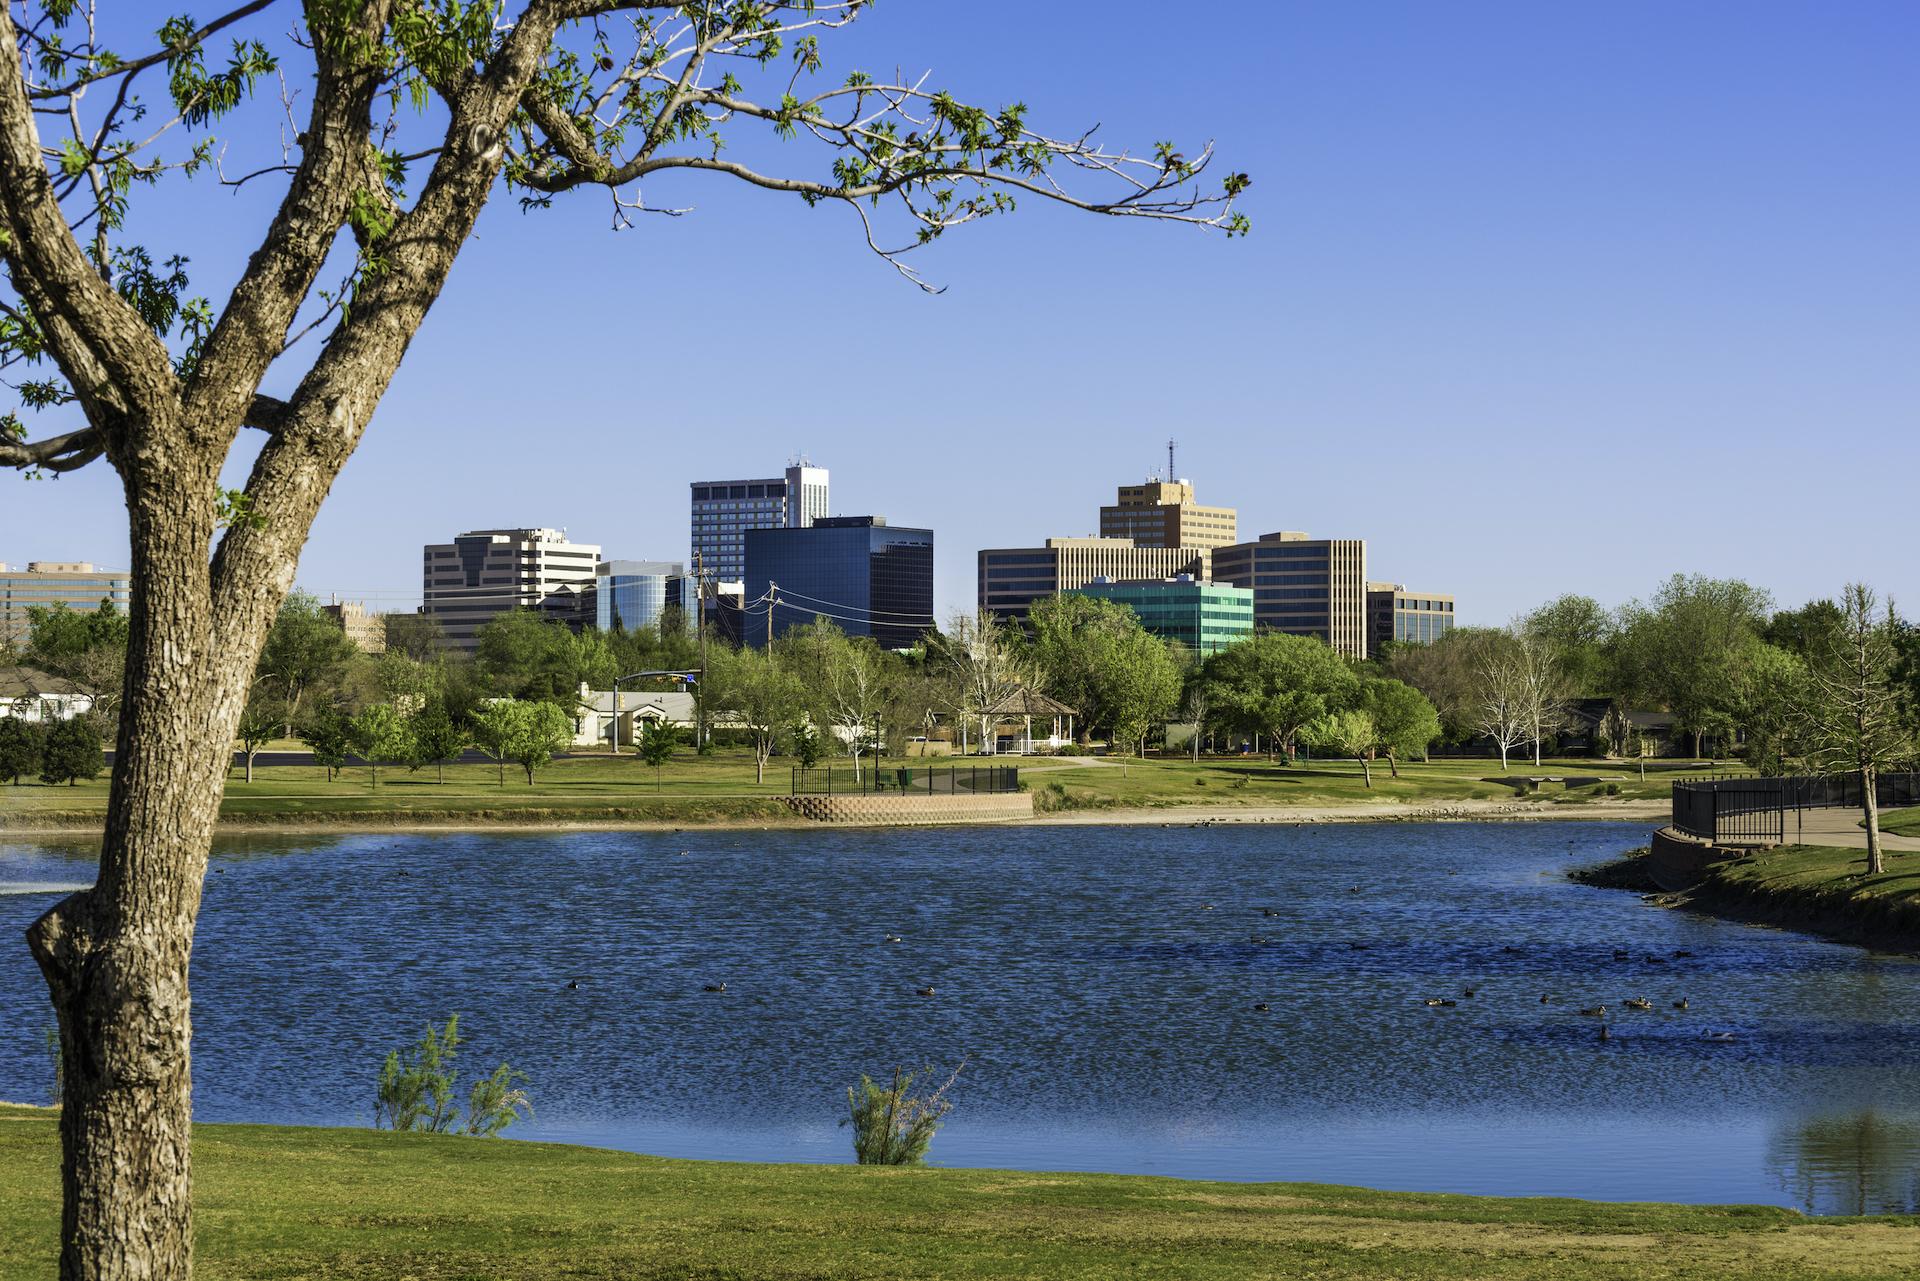 تكاليف السكن في تكساس - اسعار 2021